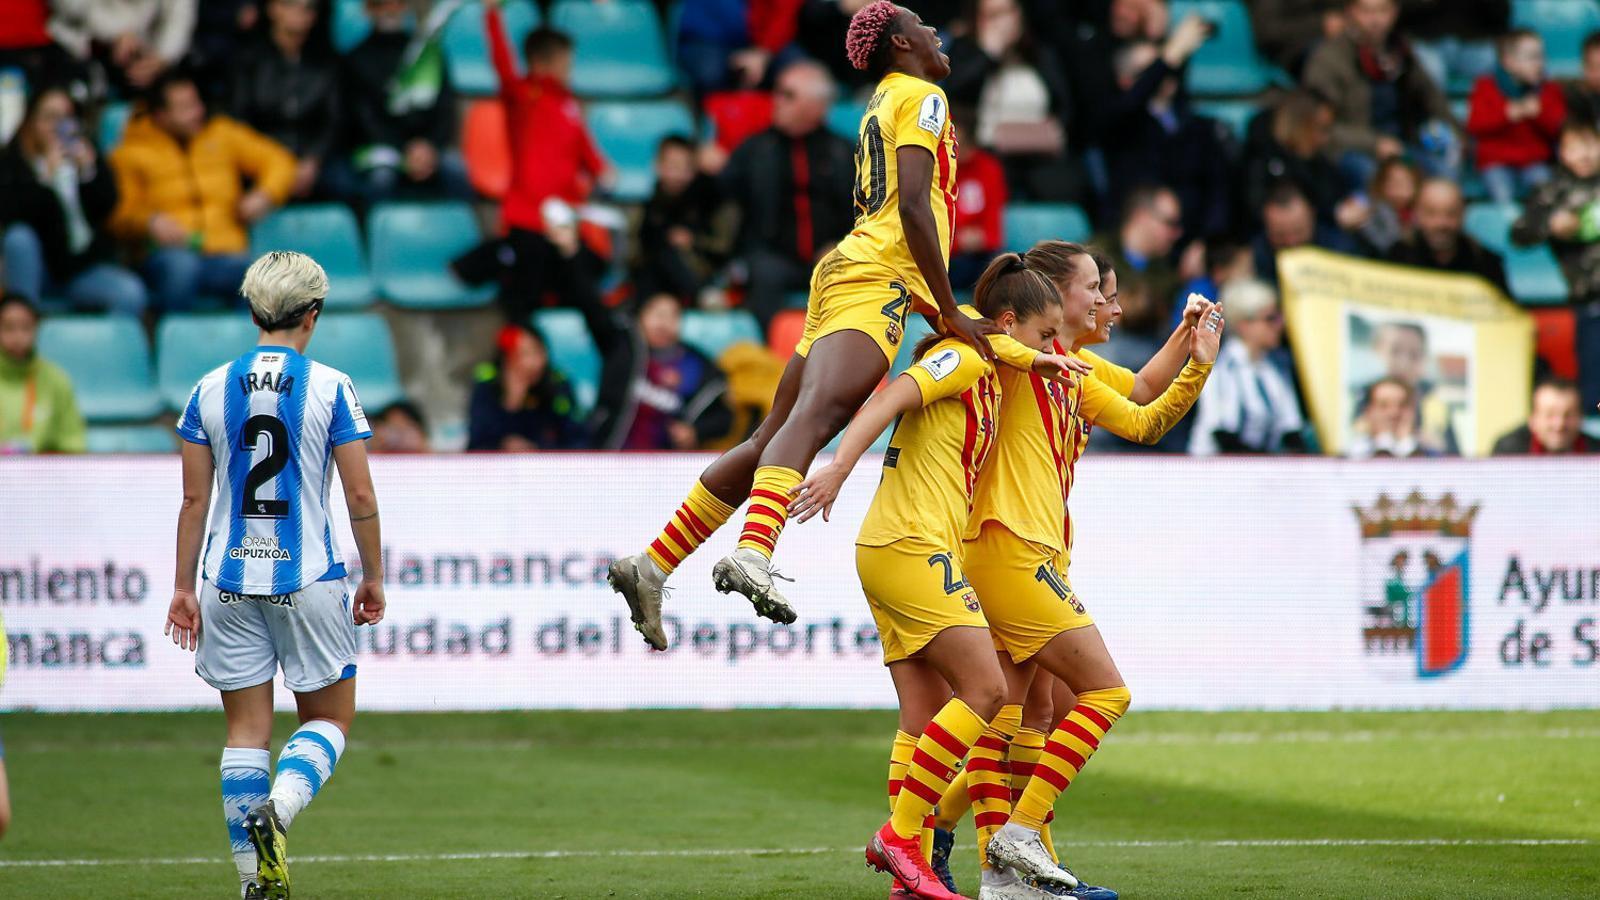 Asisat Oshoala saltant sobre les companyes en la celebració d'un gol mentre Iraia Iparraguirre es lamenta.